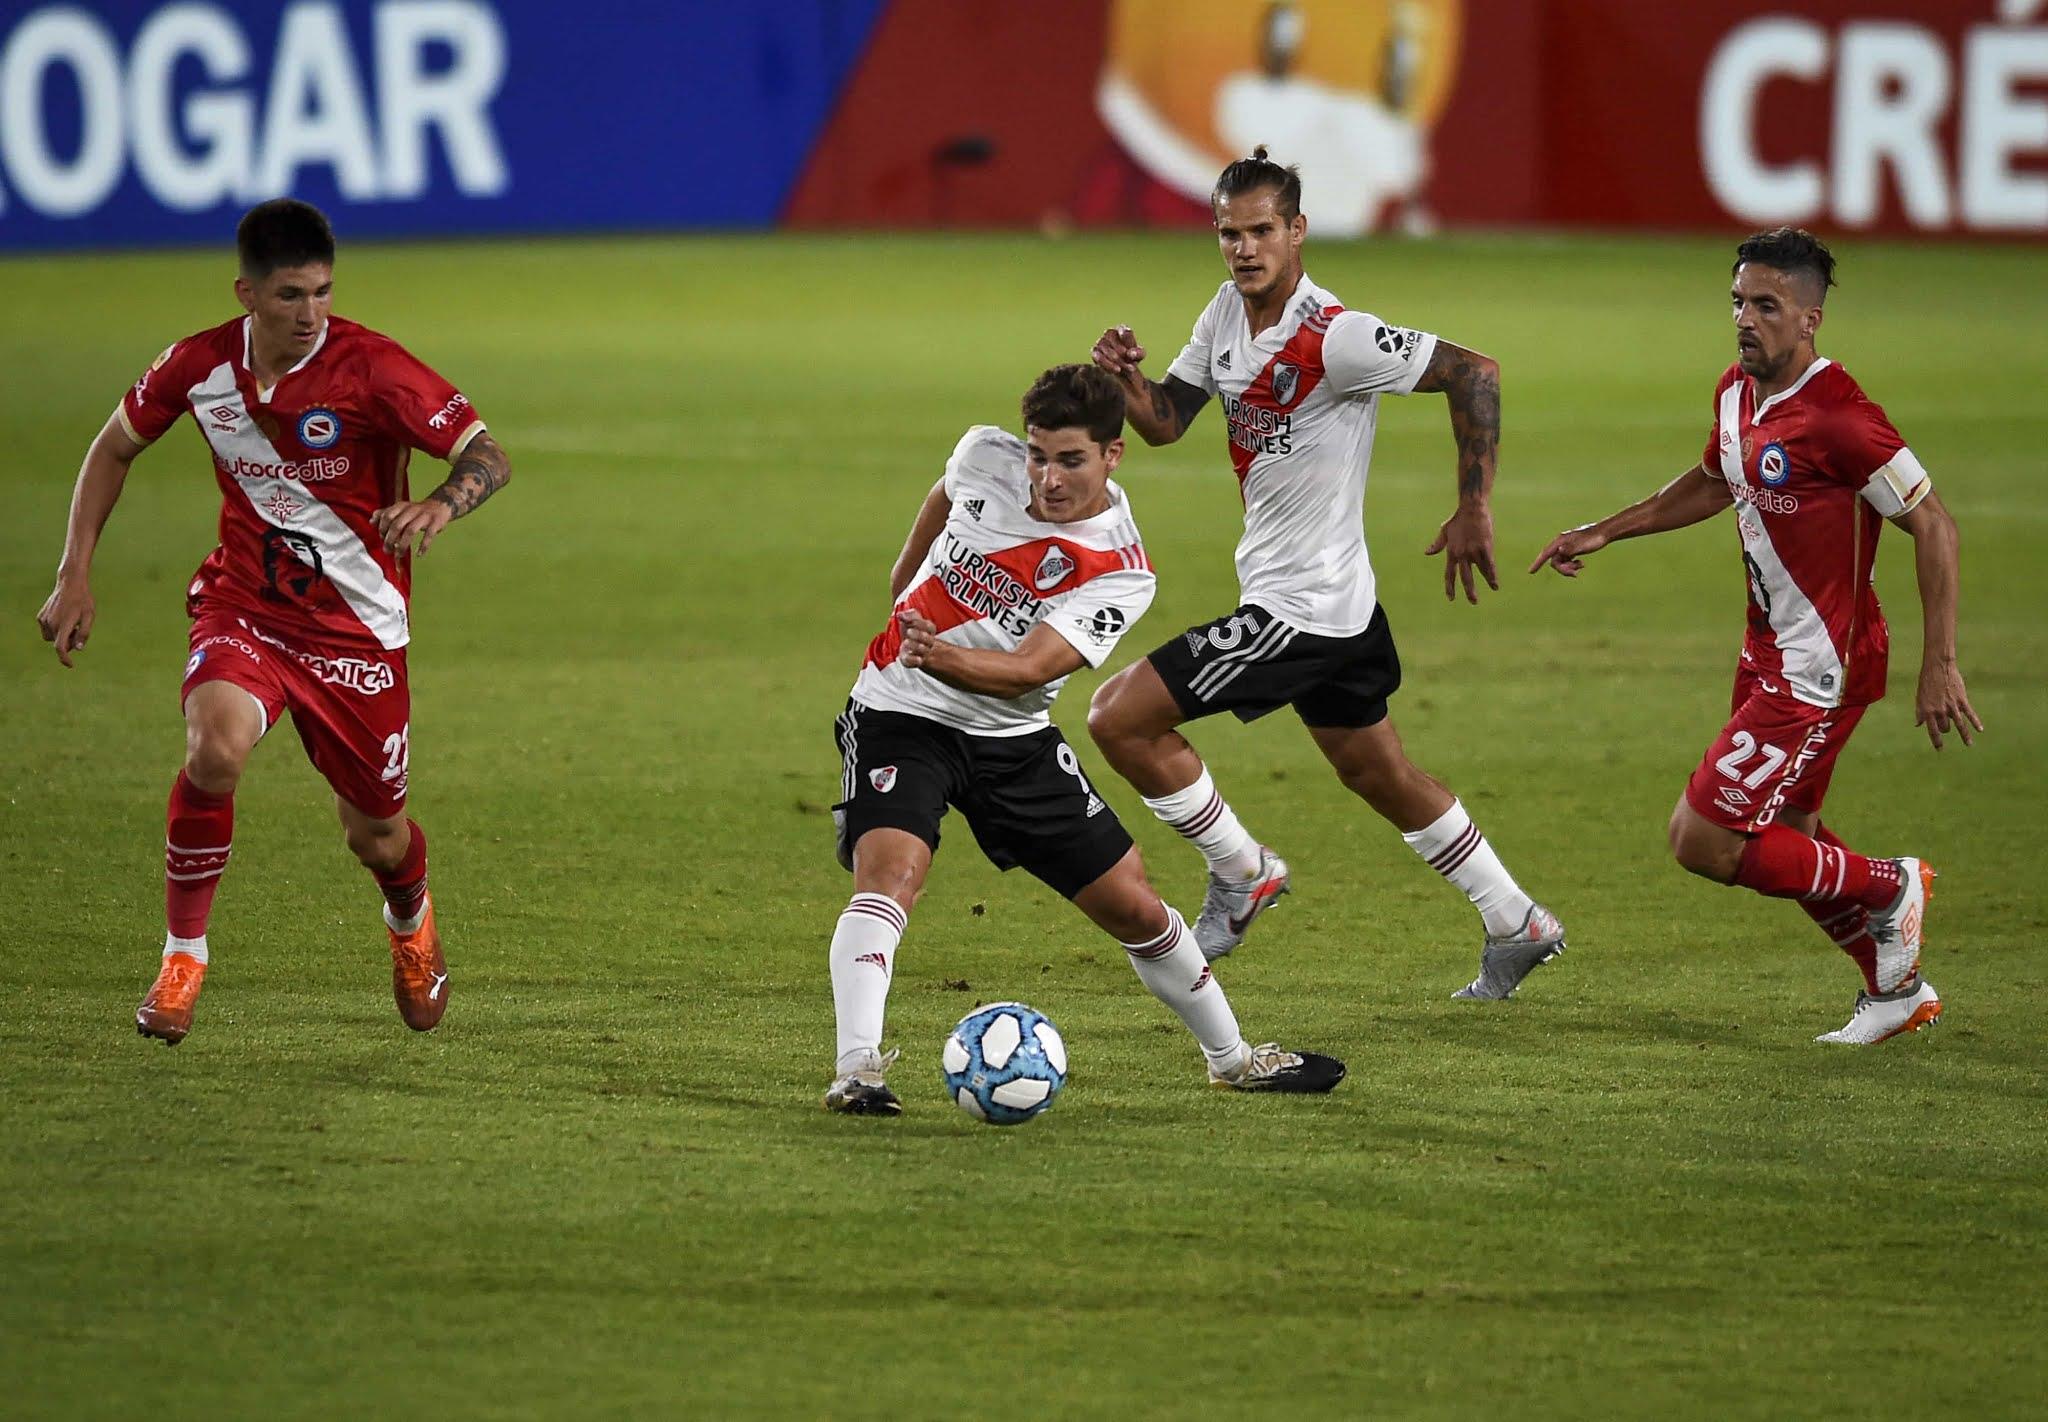 River 1-1 Argentinos Juniors